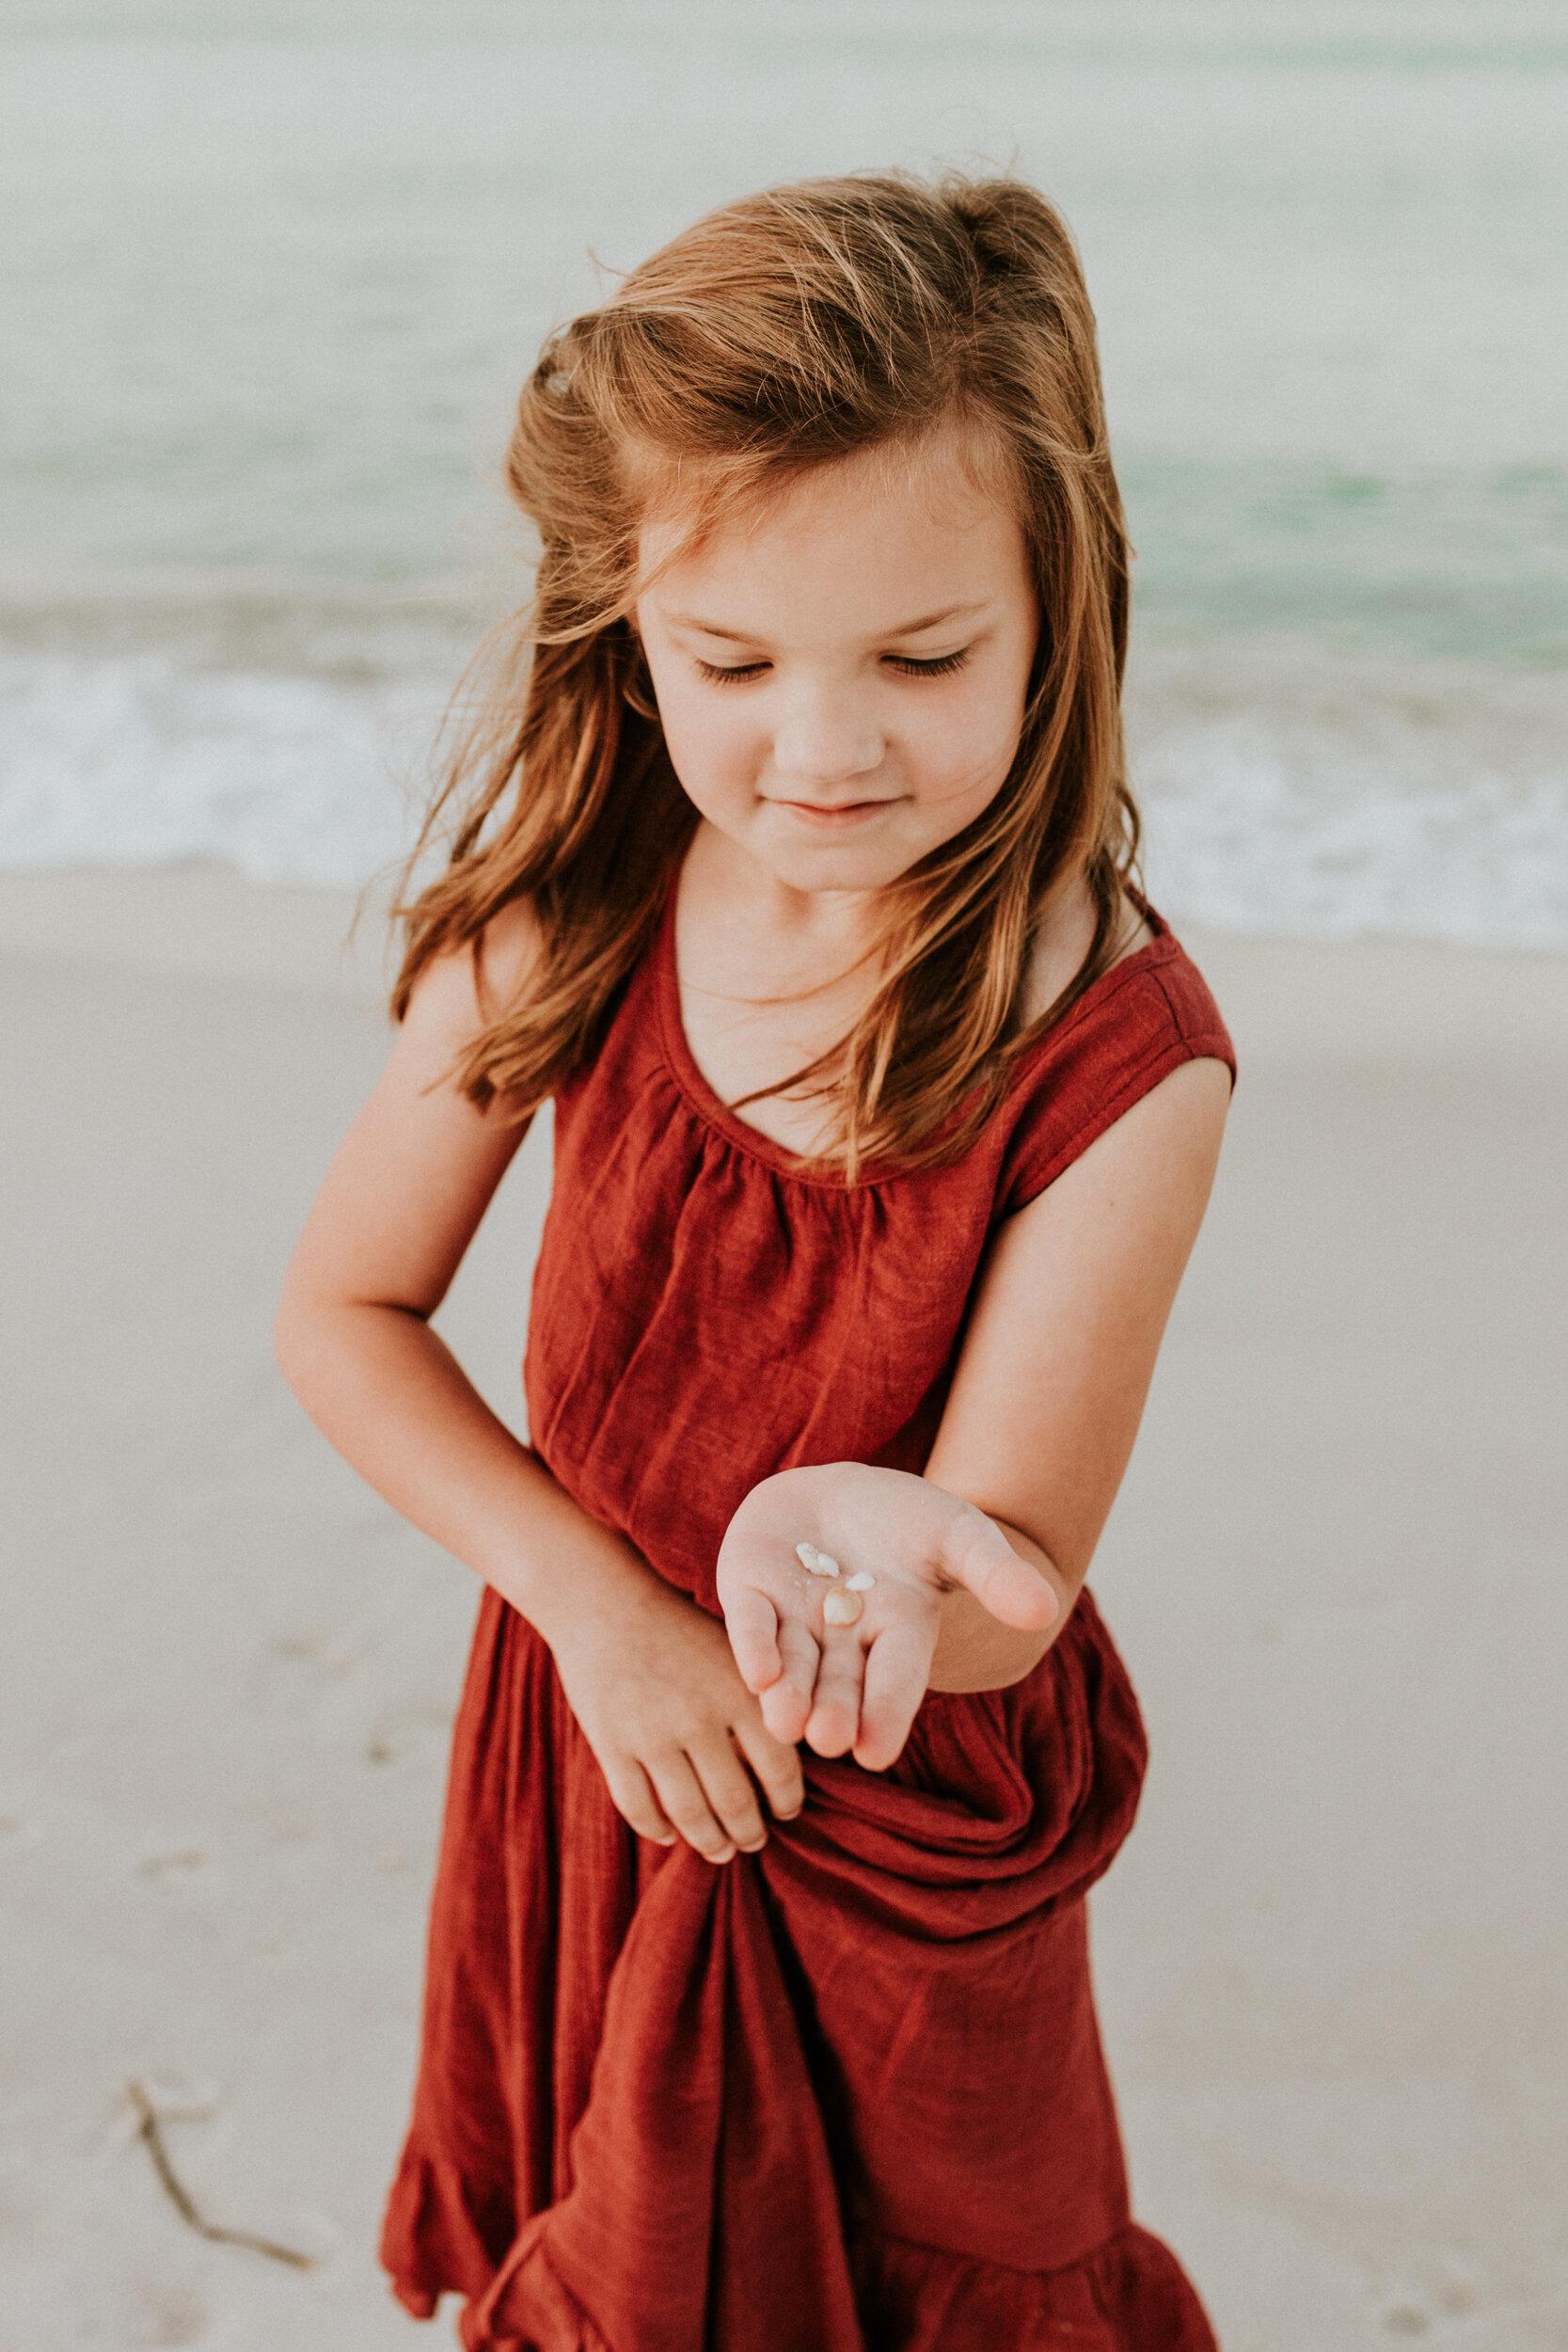 30a_Destin_Rosemary_Beach_Florida_Family_Photographer_Beach_Session-10.jpg